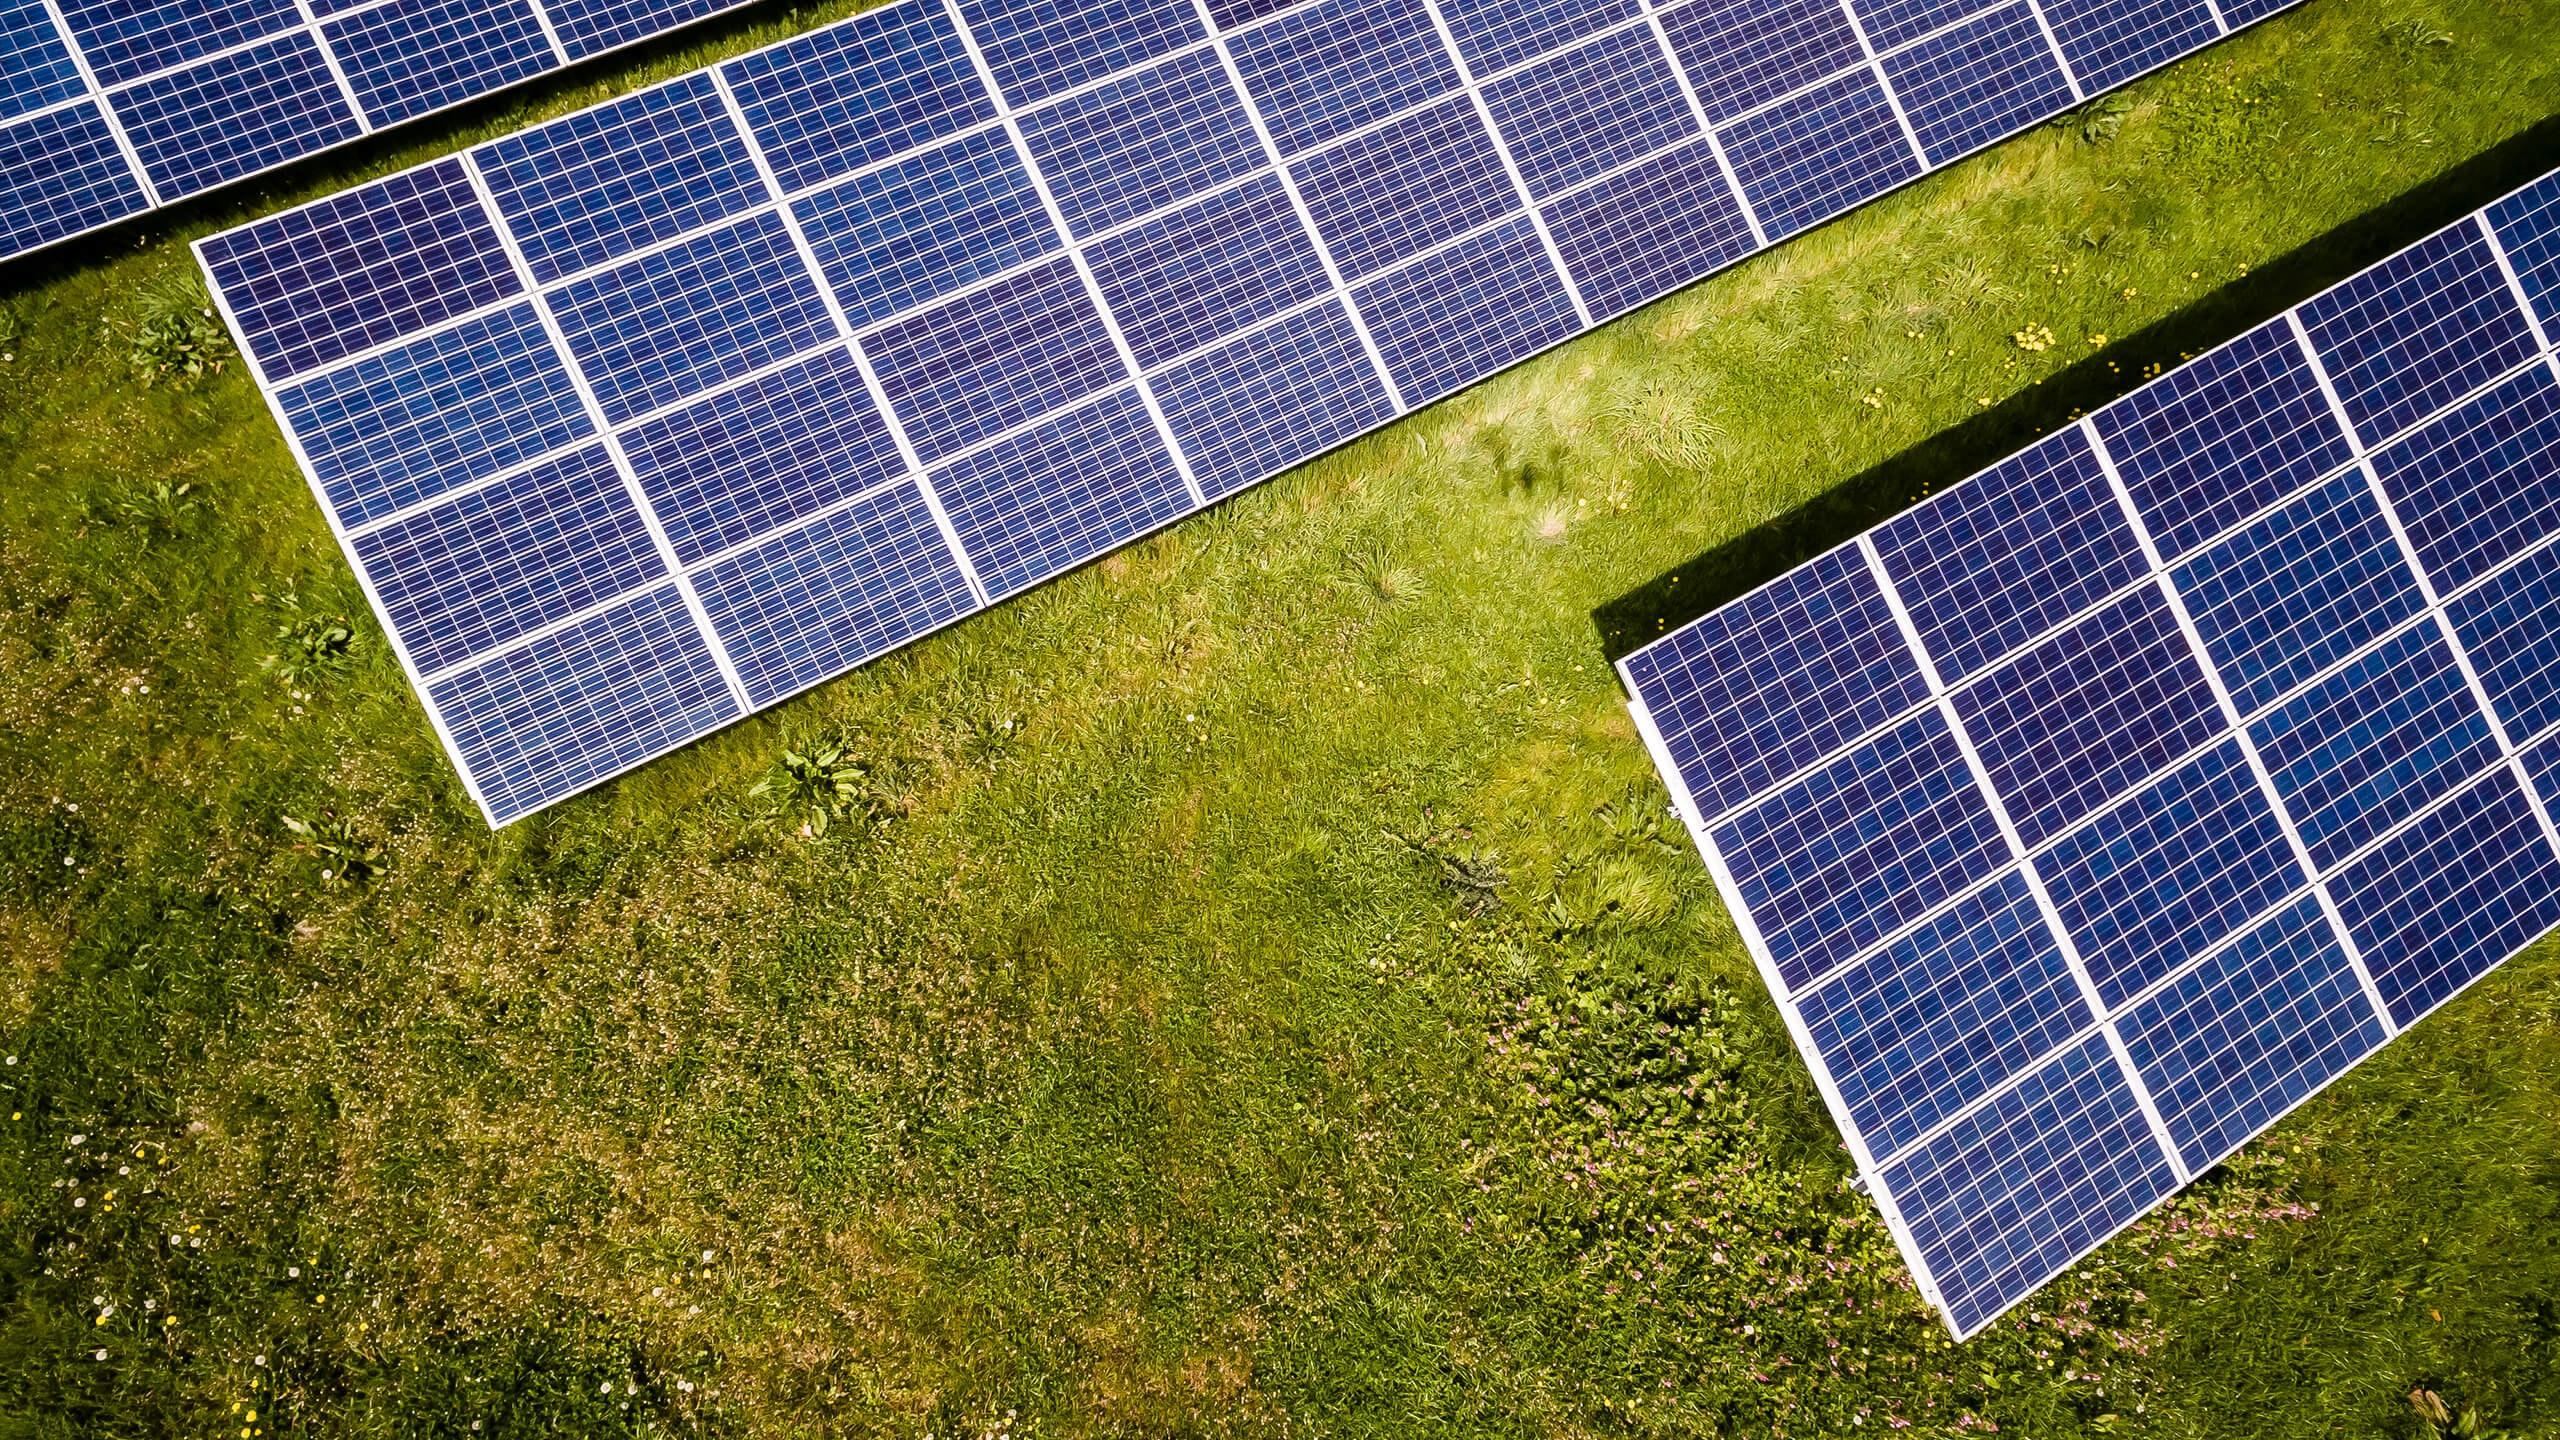 再生可能エネルギーのメリットとは?